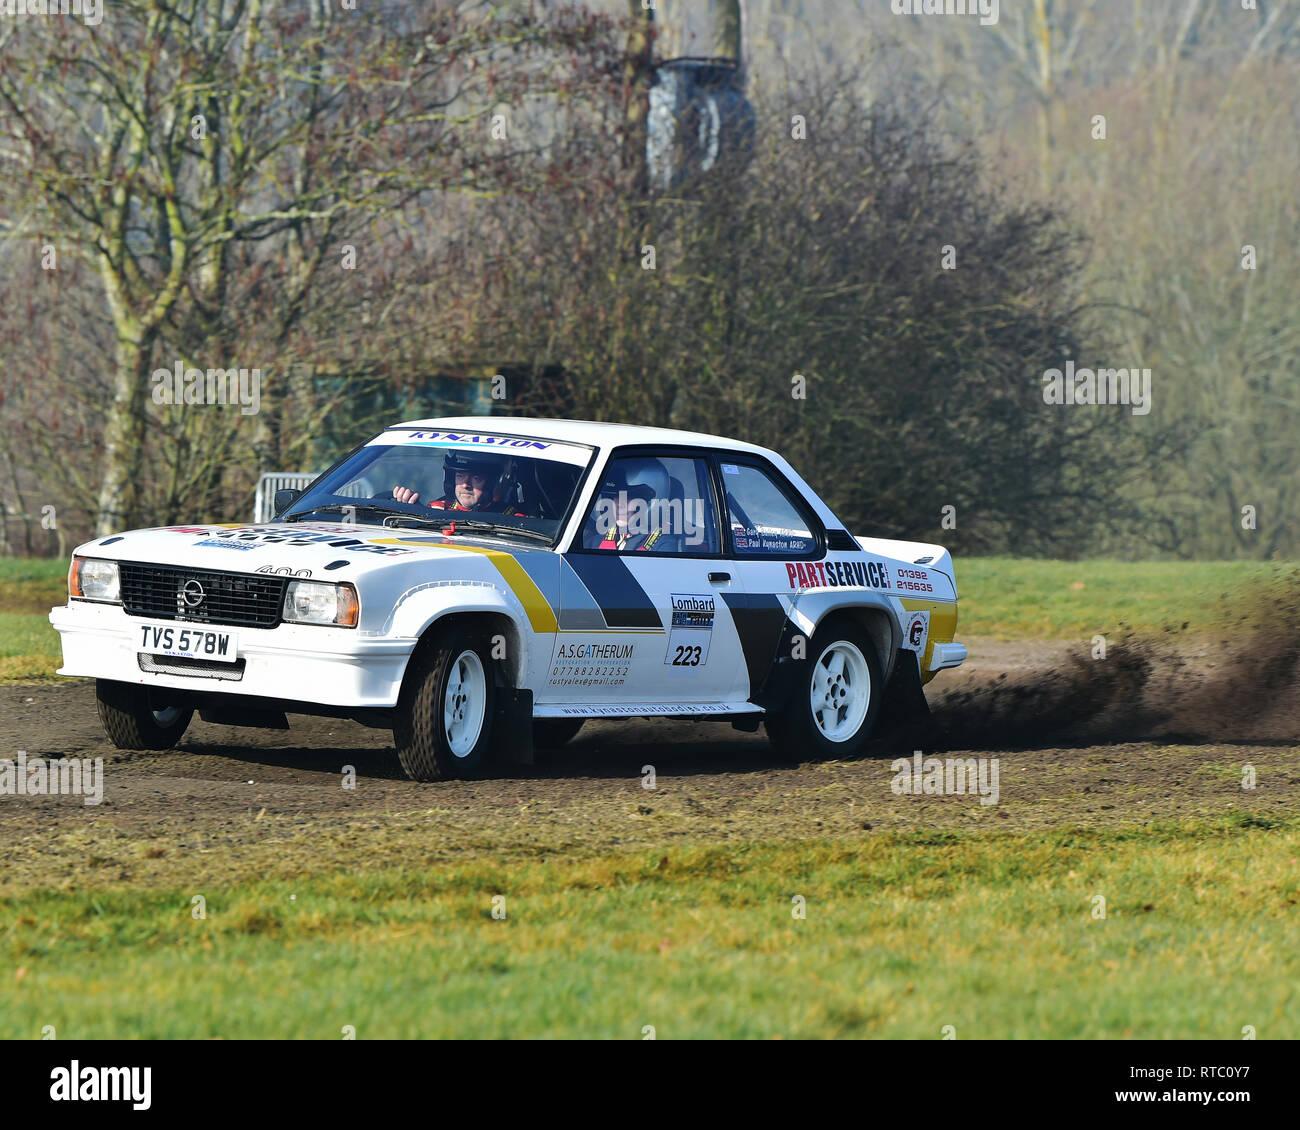 Opel Ascona Stock Photos & Opel Ascona Stock Images